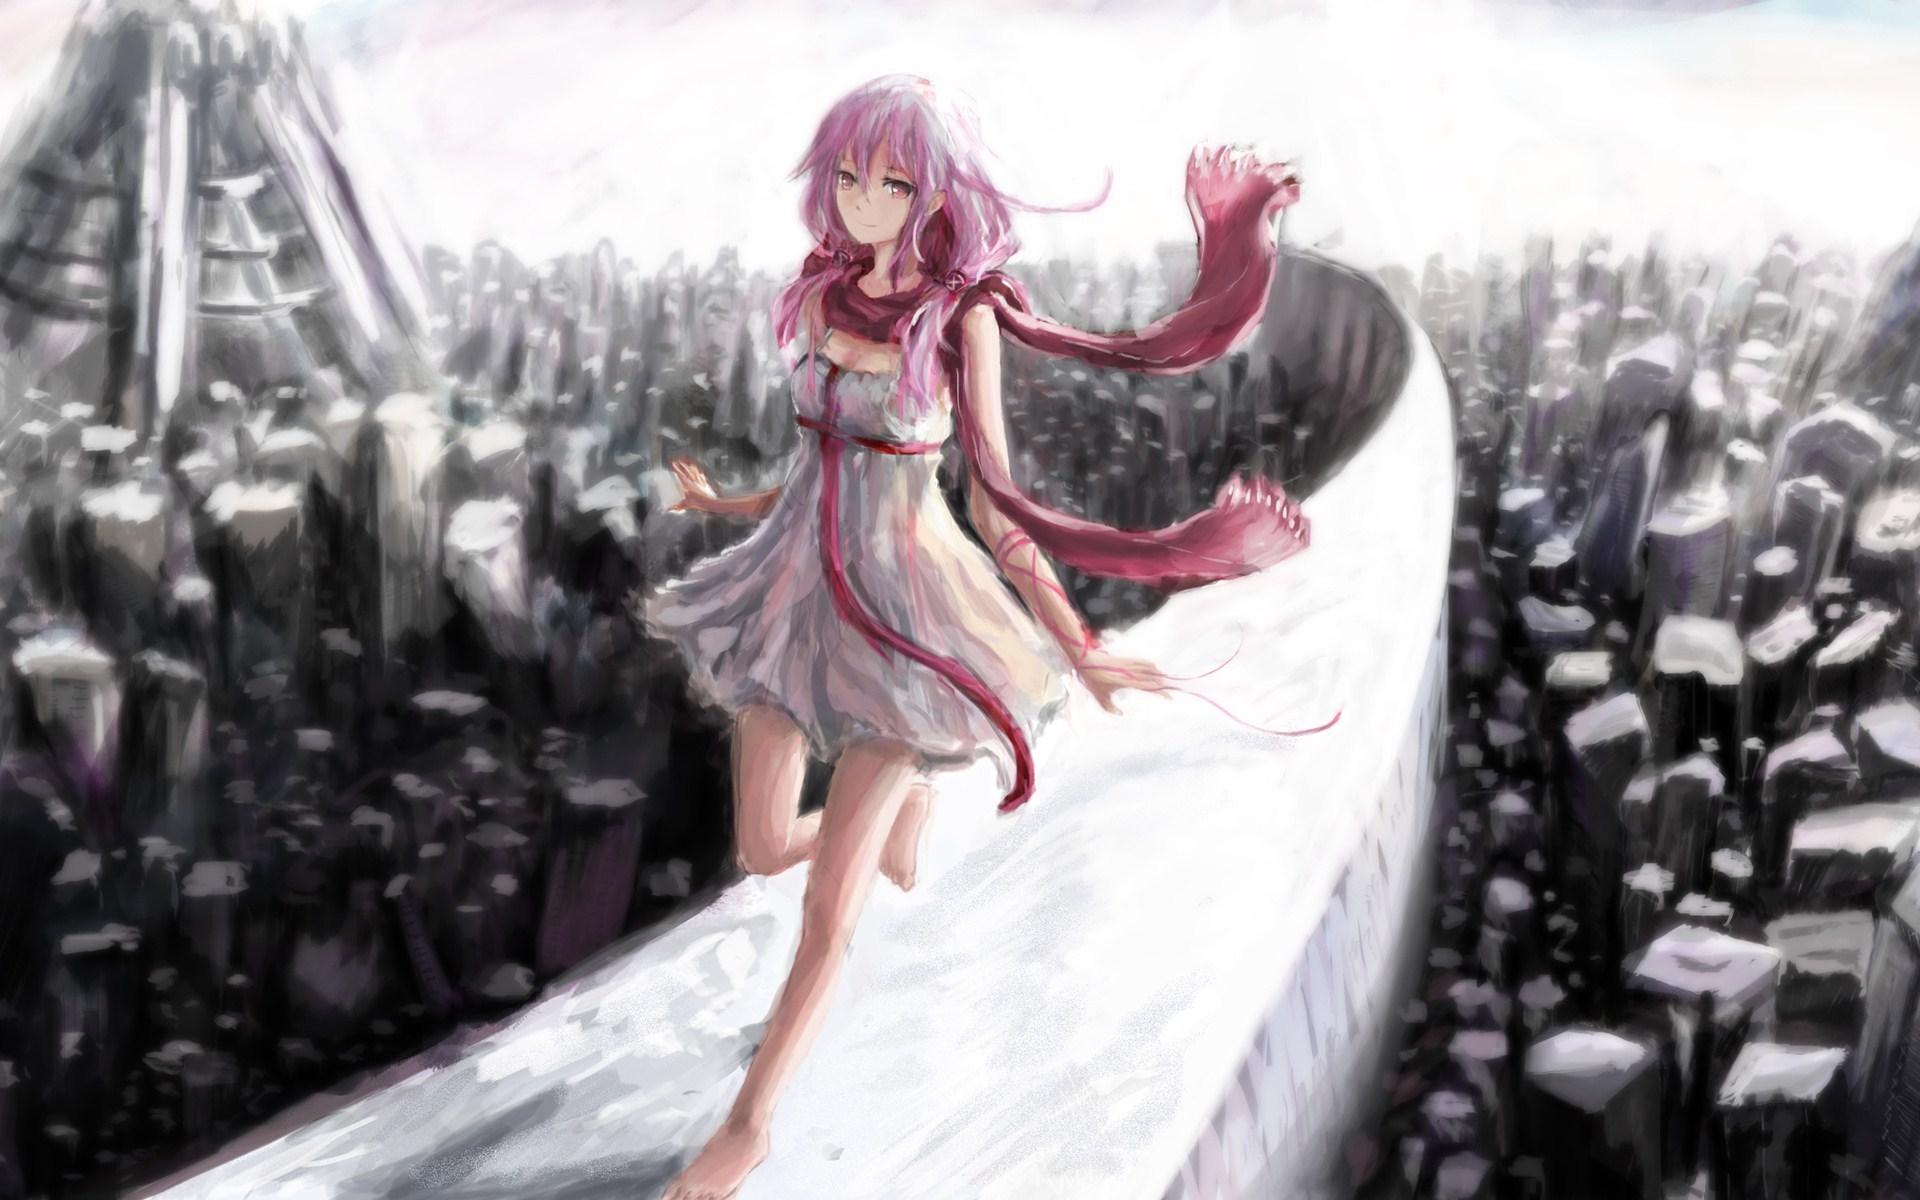 Anime Lovely Girl